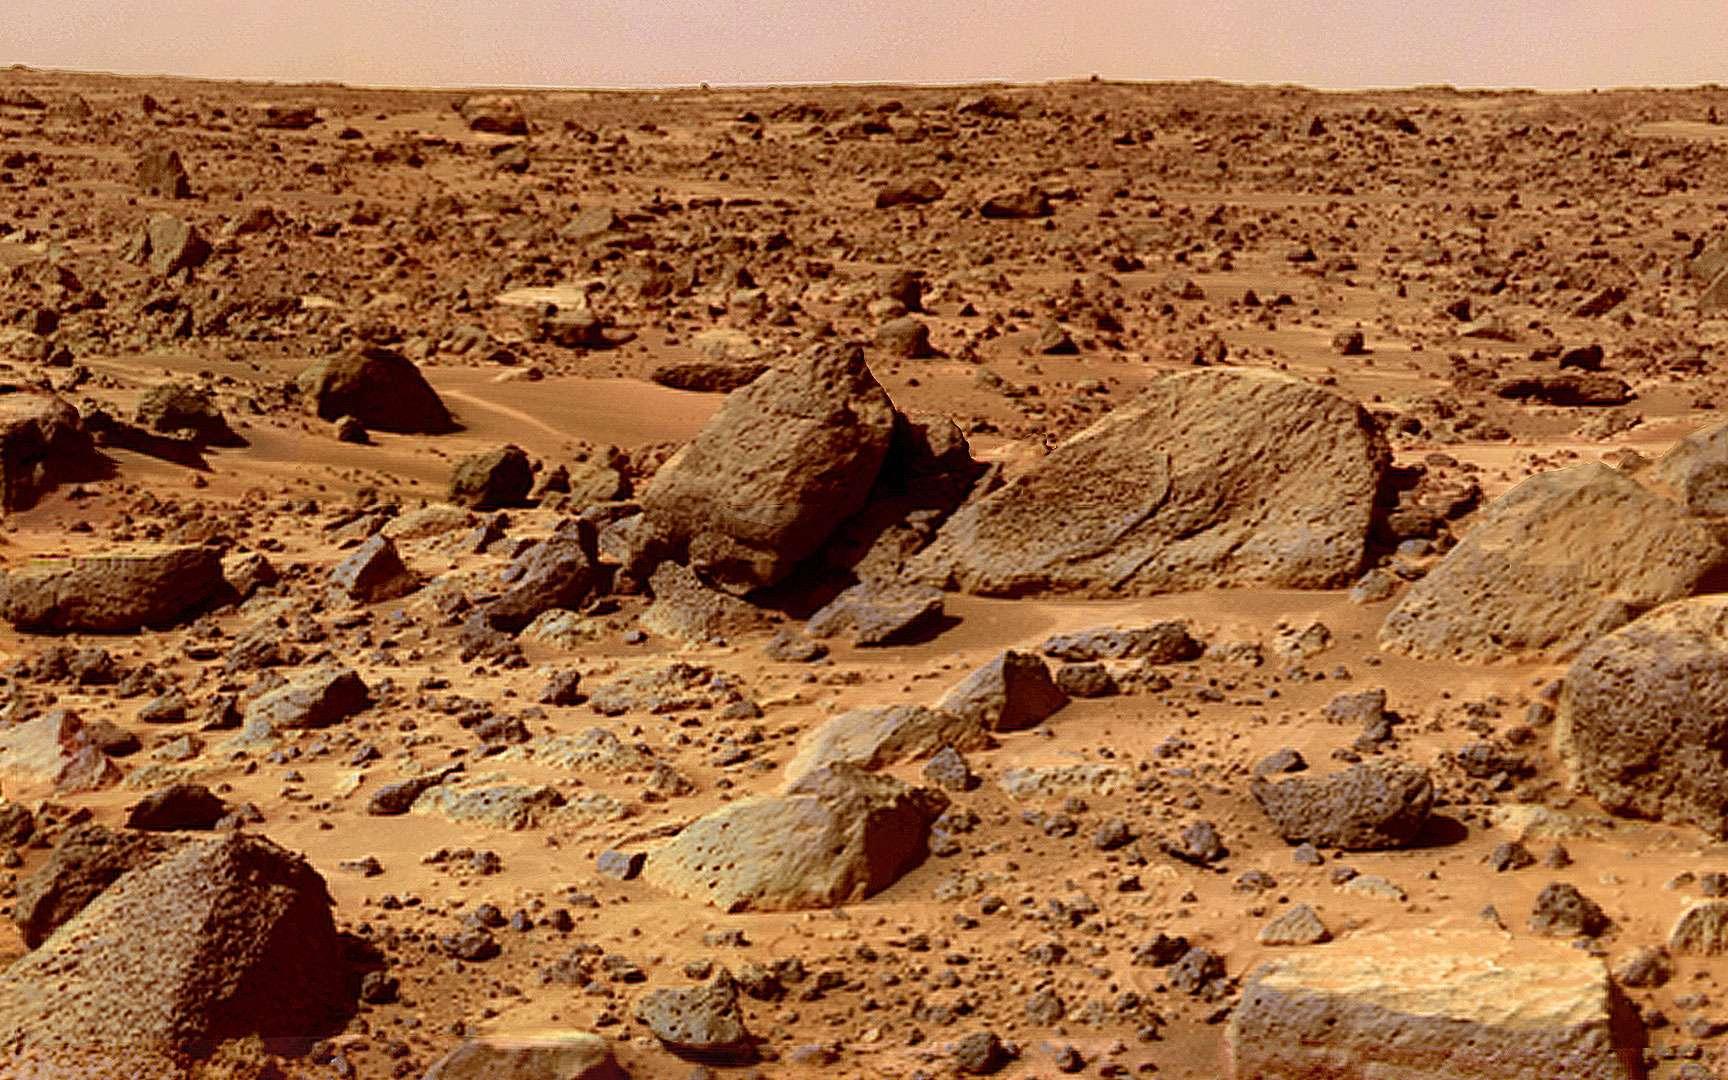 Opportunity. Image prise à l'intérieur du cratère Endurance par le robot Opportunity le 19 août 2004 (sol 208).